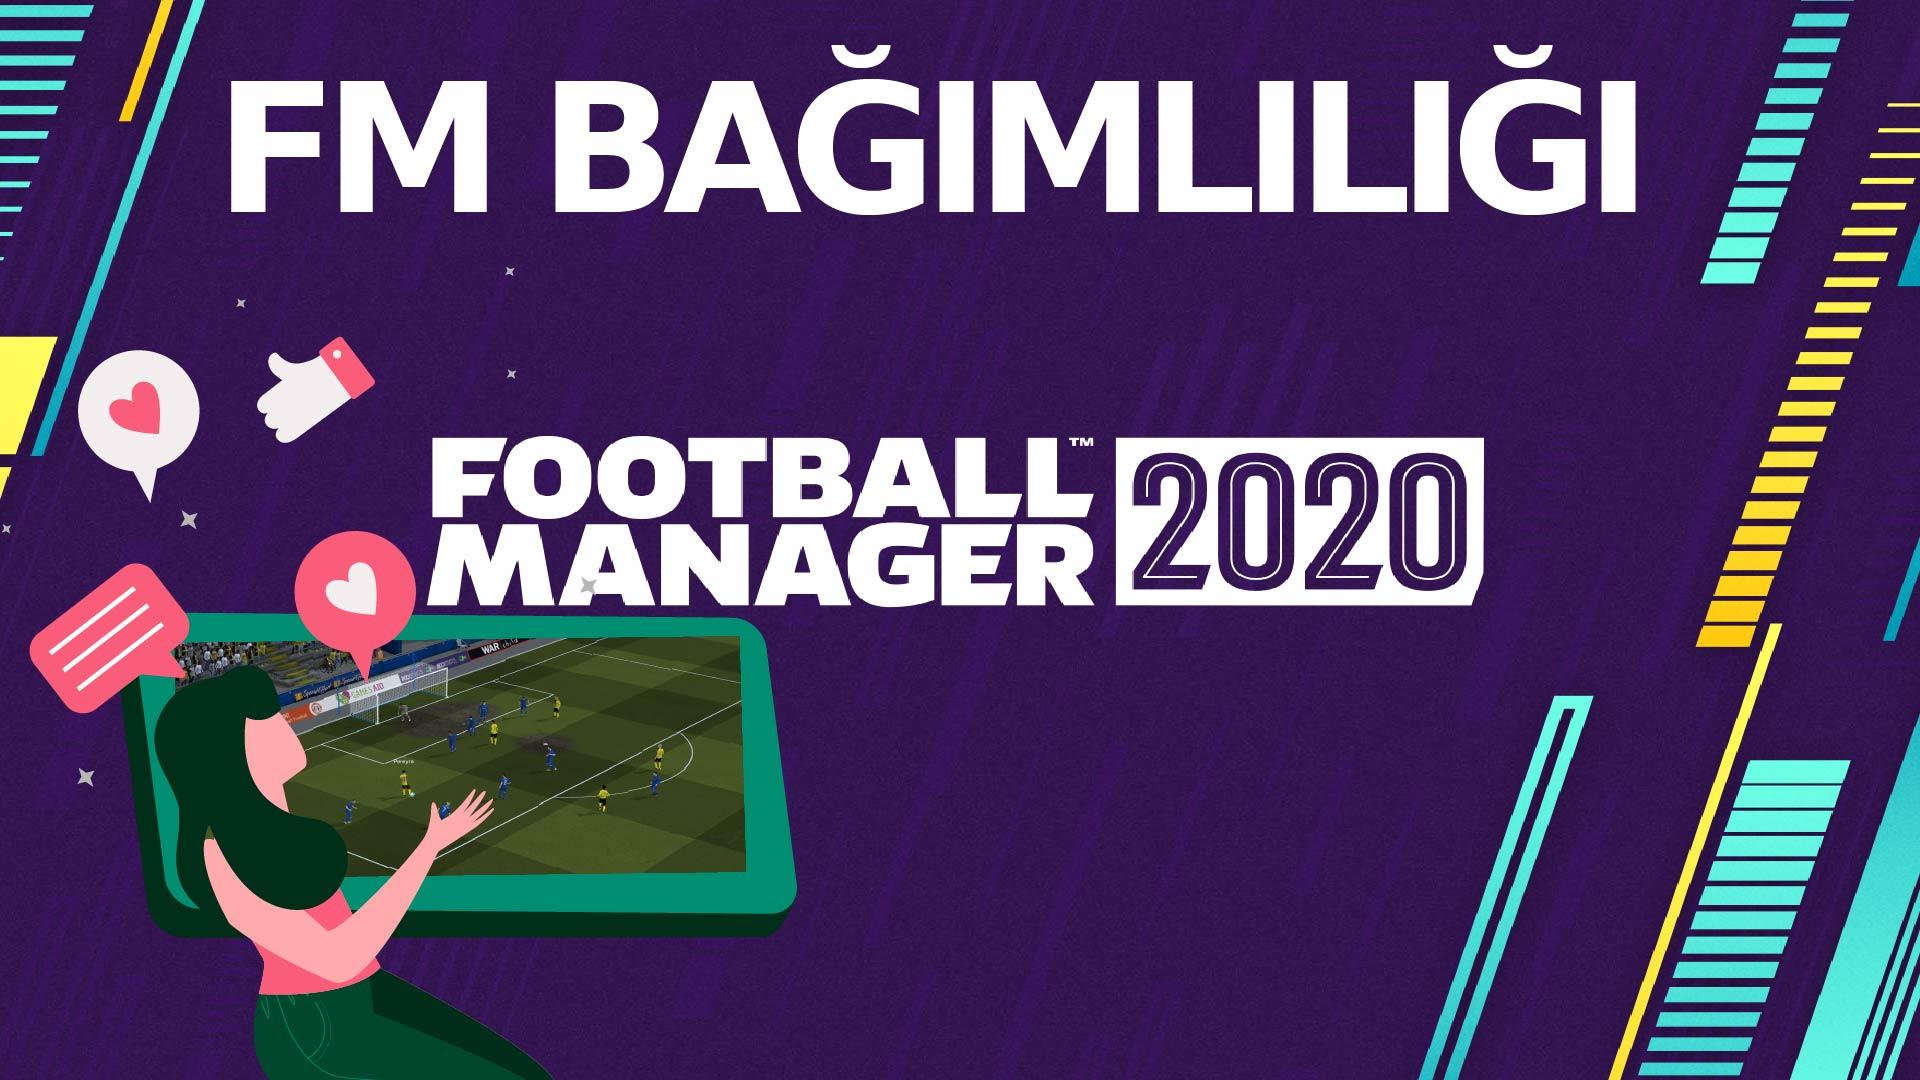 football manager bağımlılığı